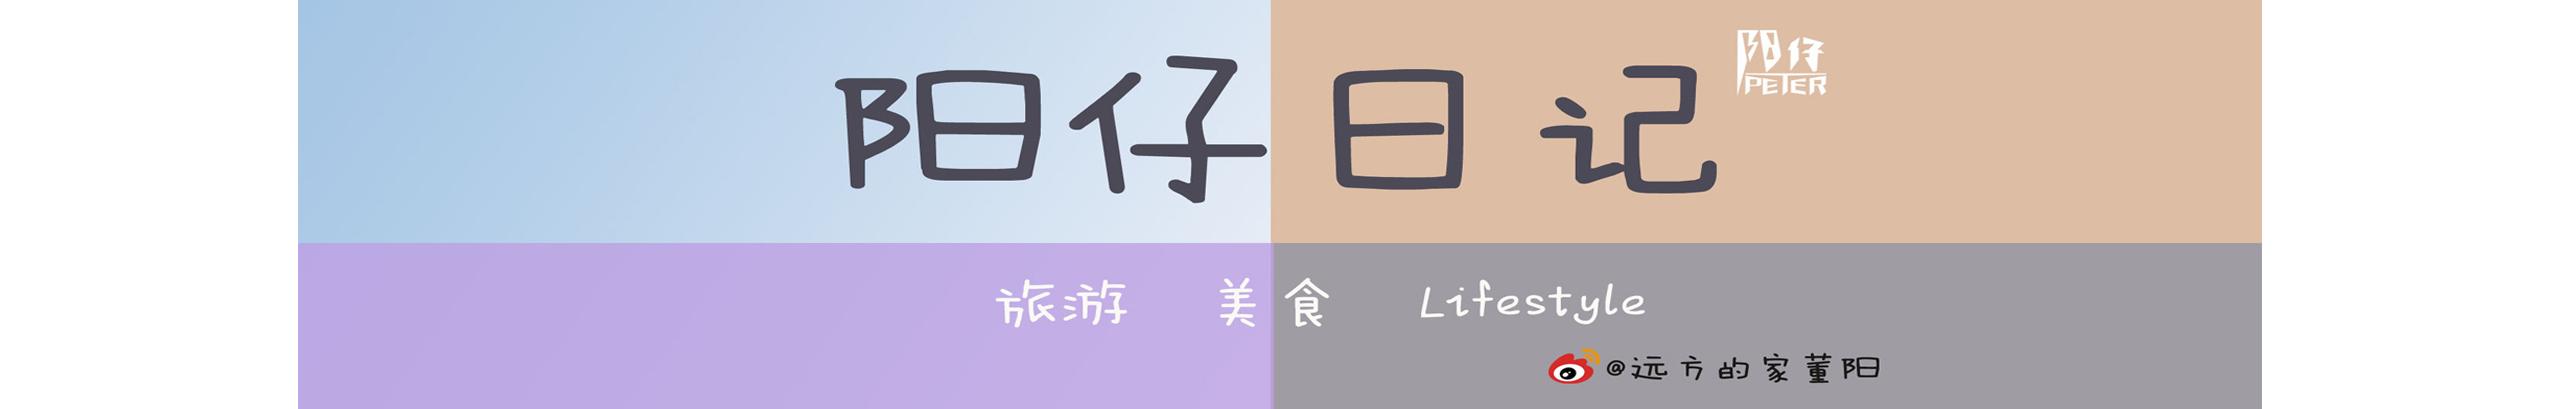 阳仔日记 banner